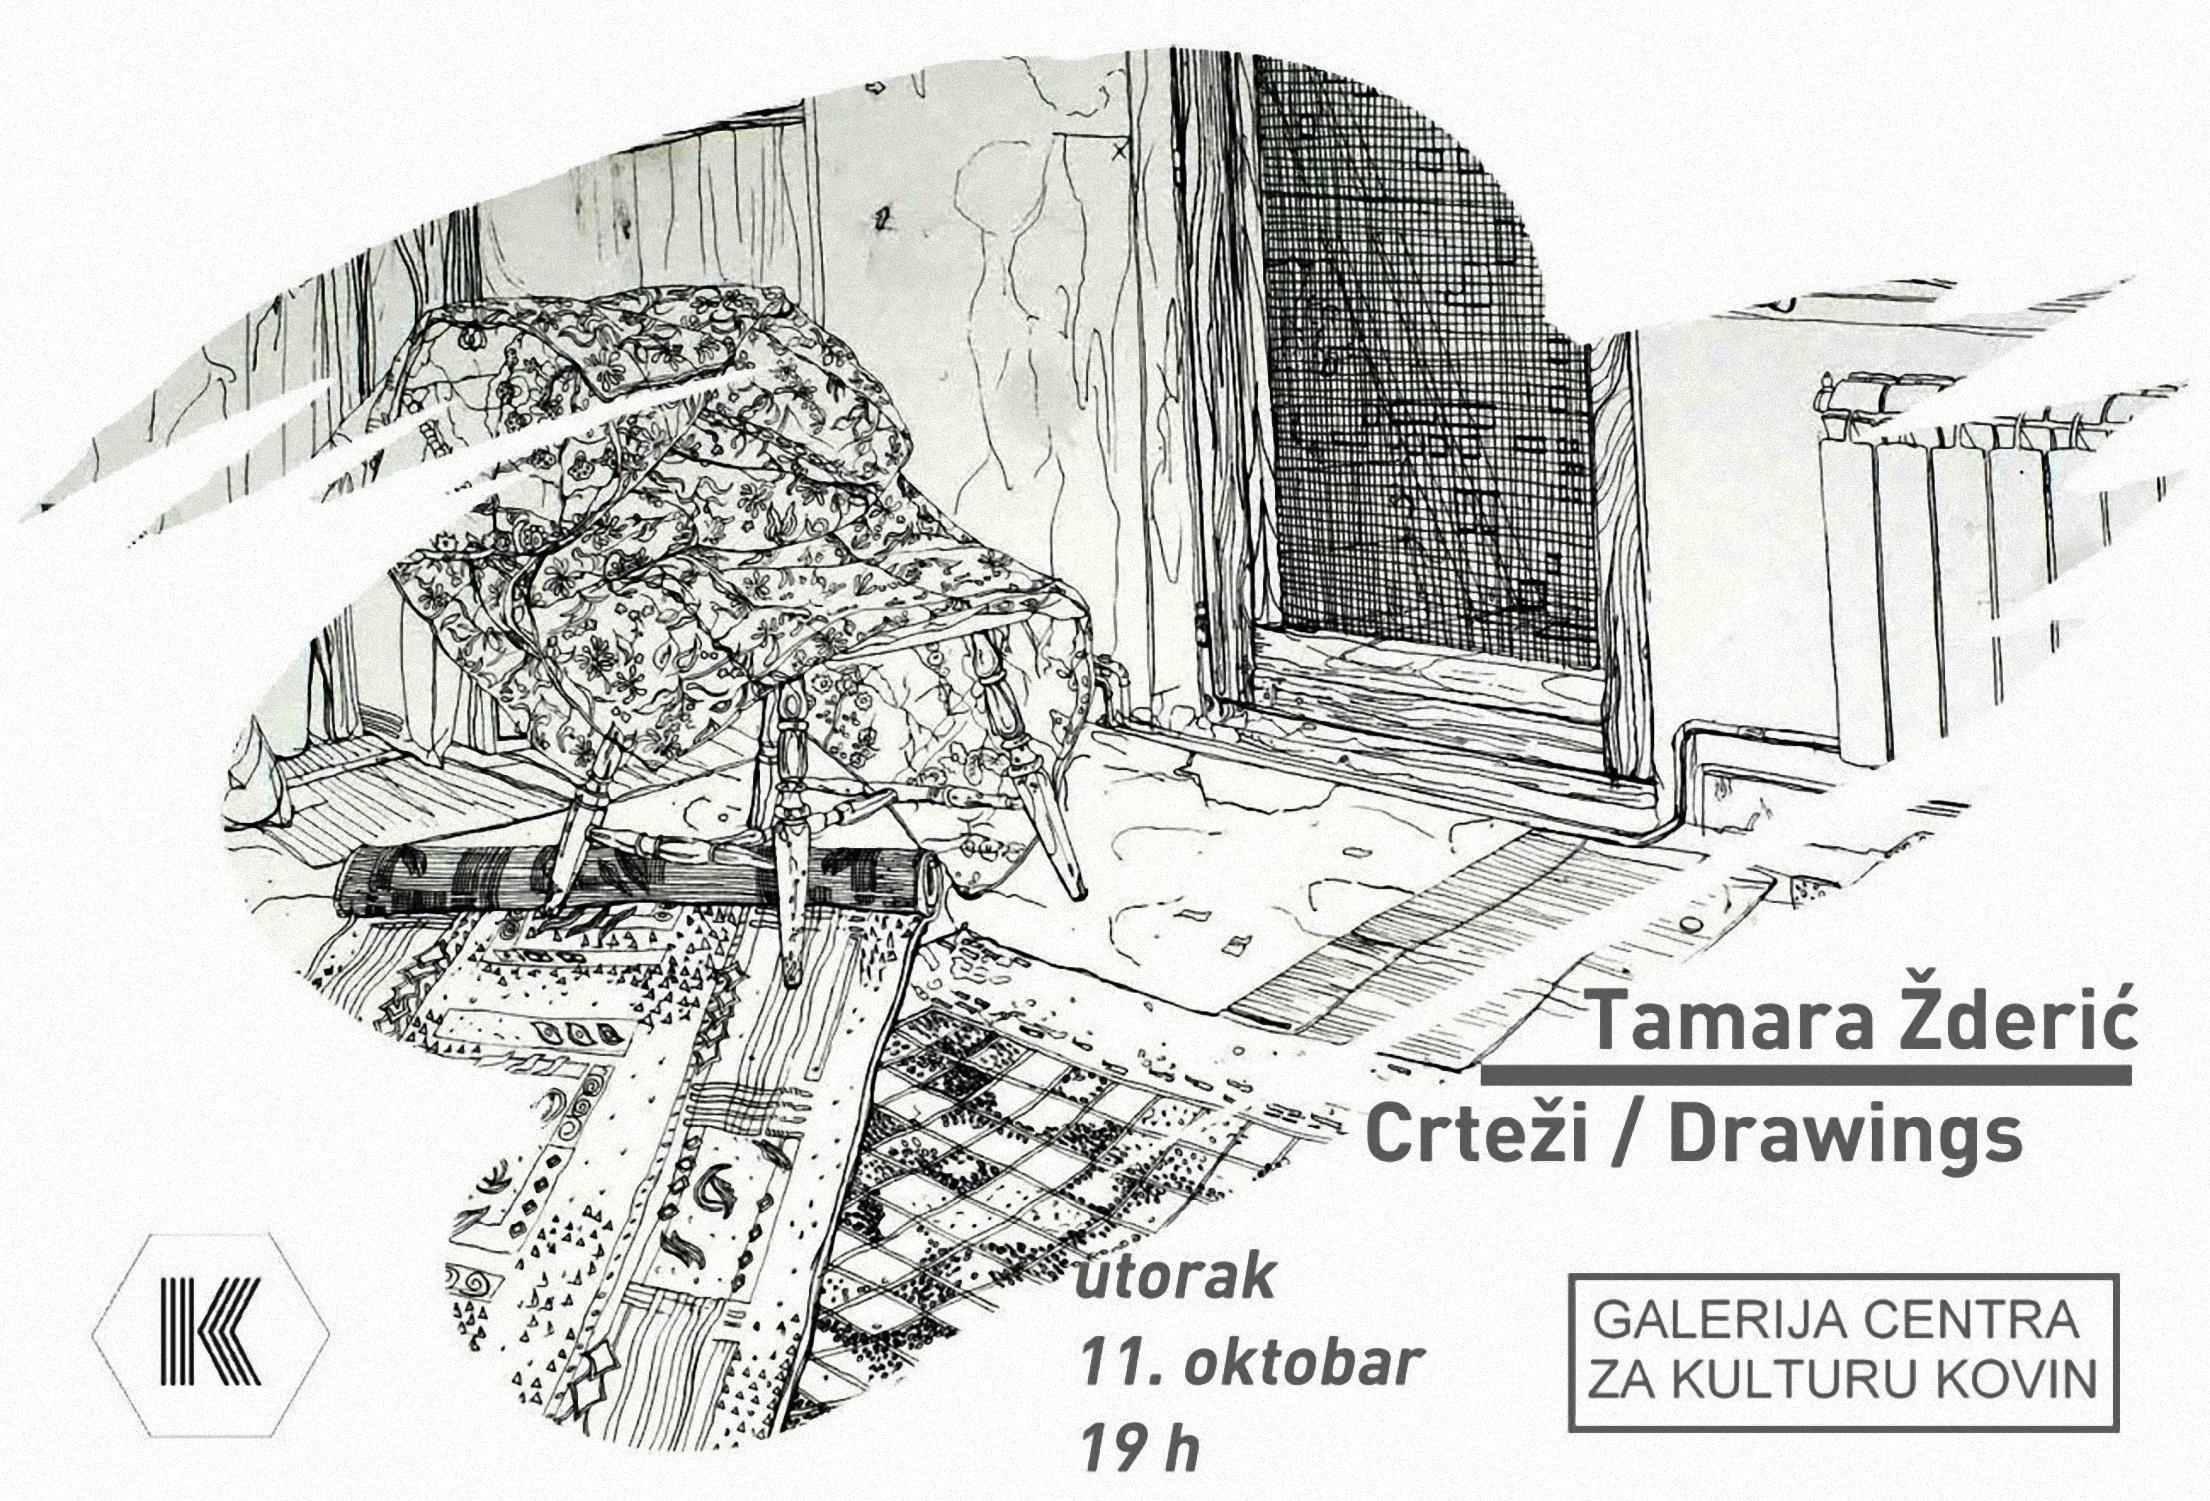 Tamara Žderić crteži